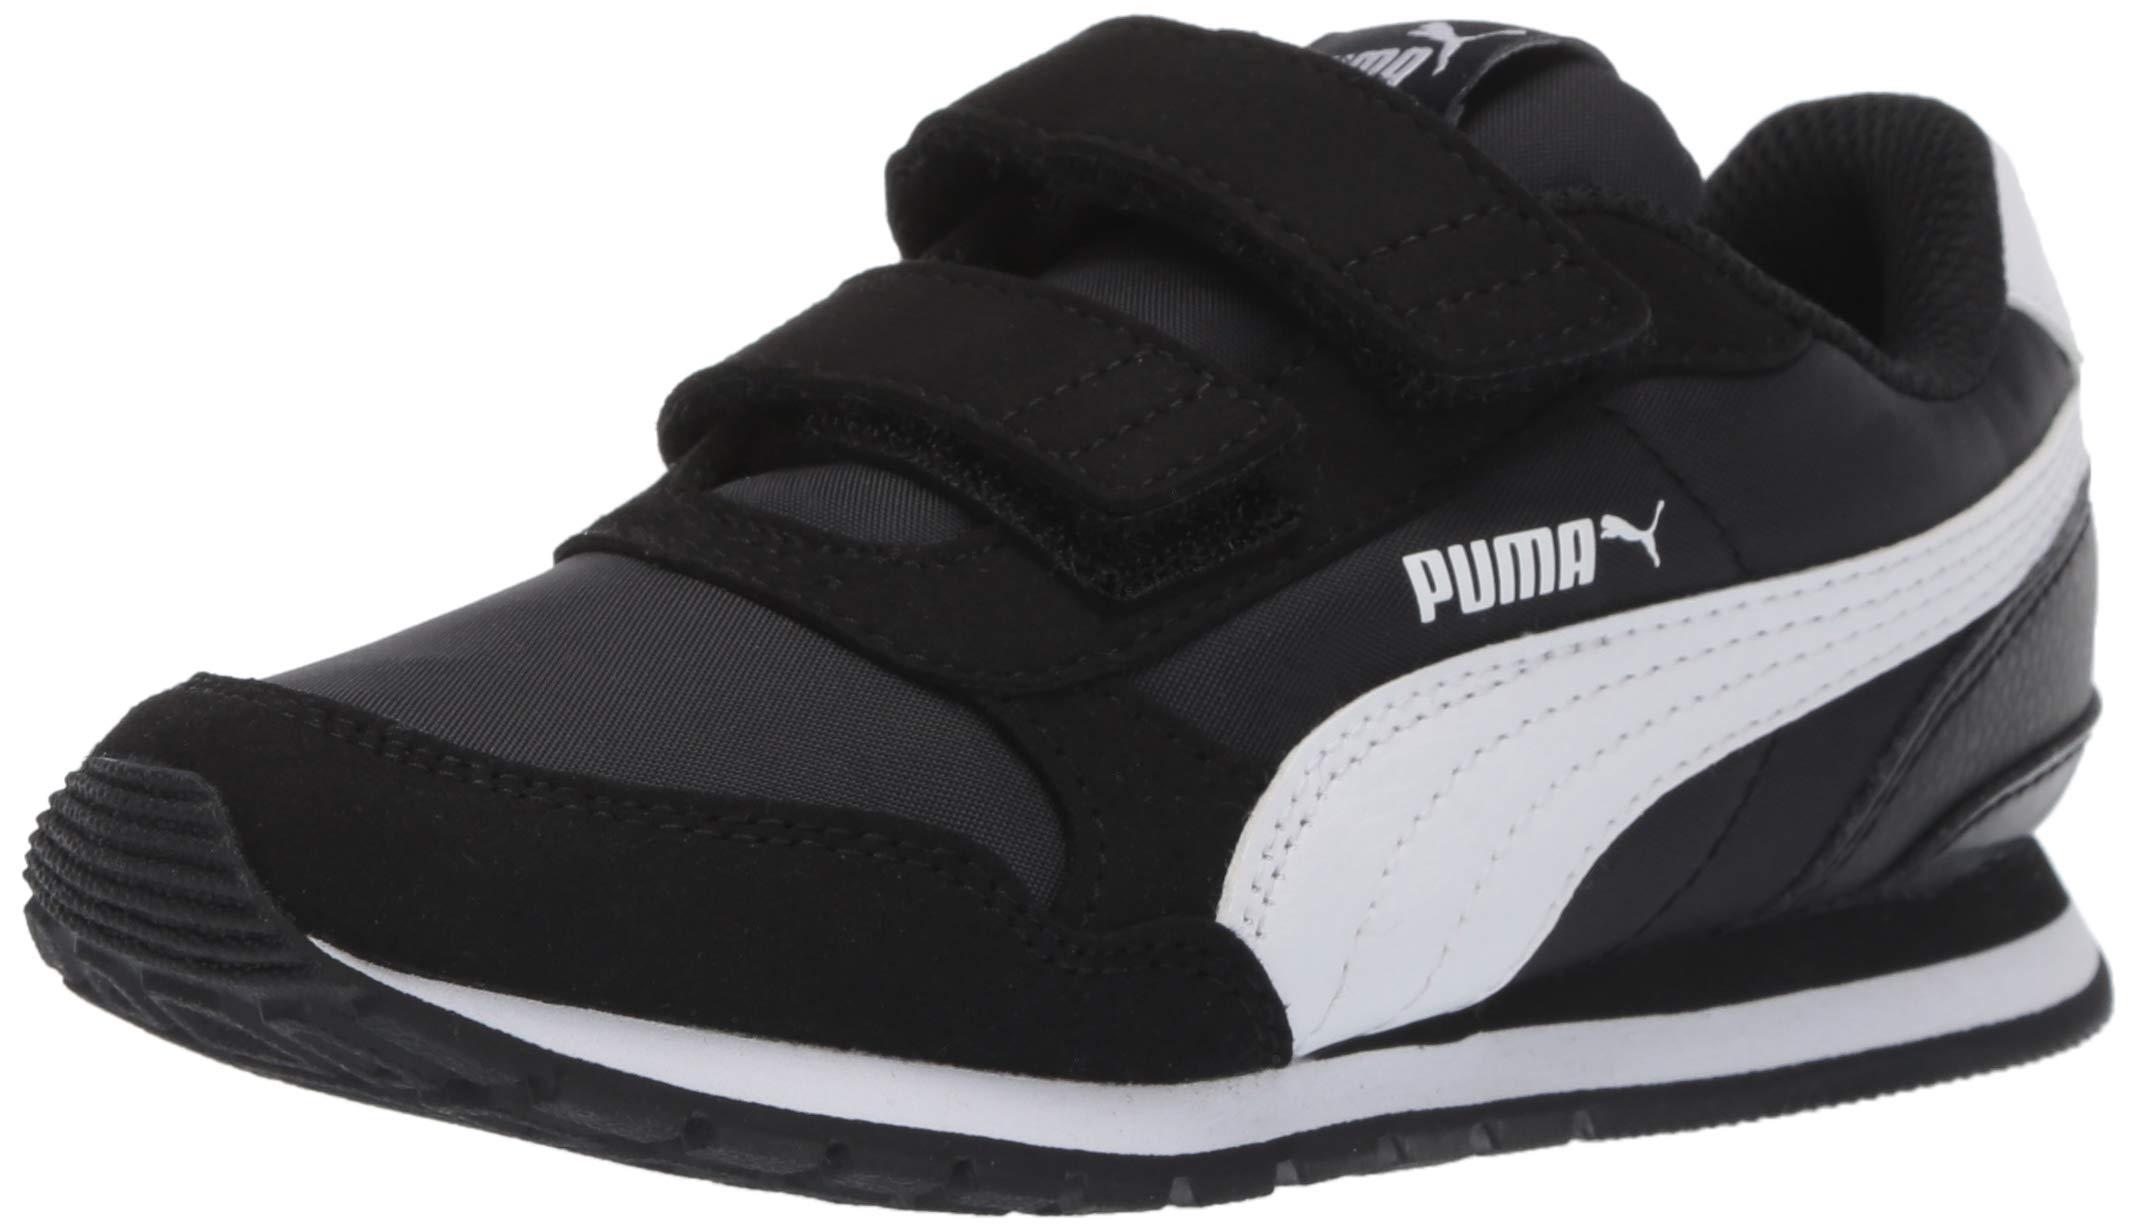 PUMA Baby ST Runner NL Velcro Kids Sneaker black-white 6 M US Toddler by PUMA